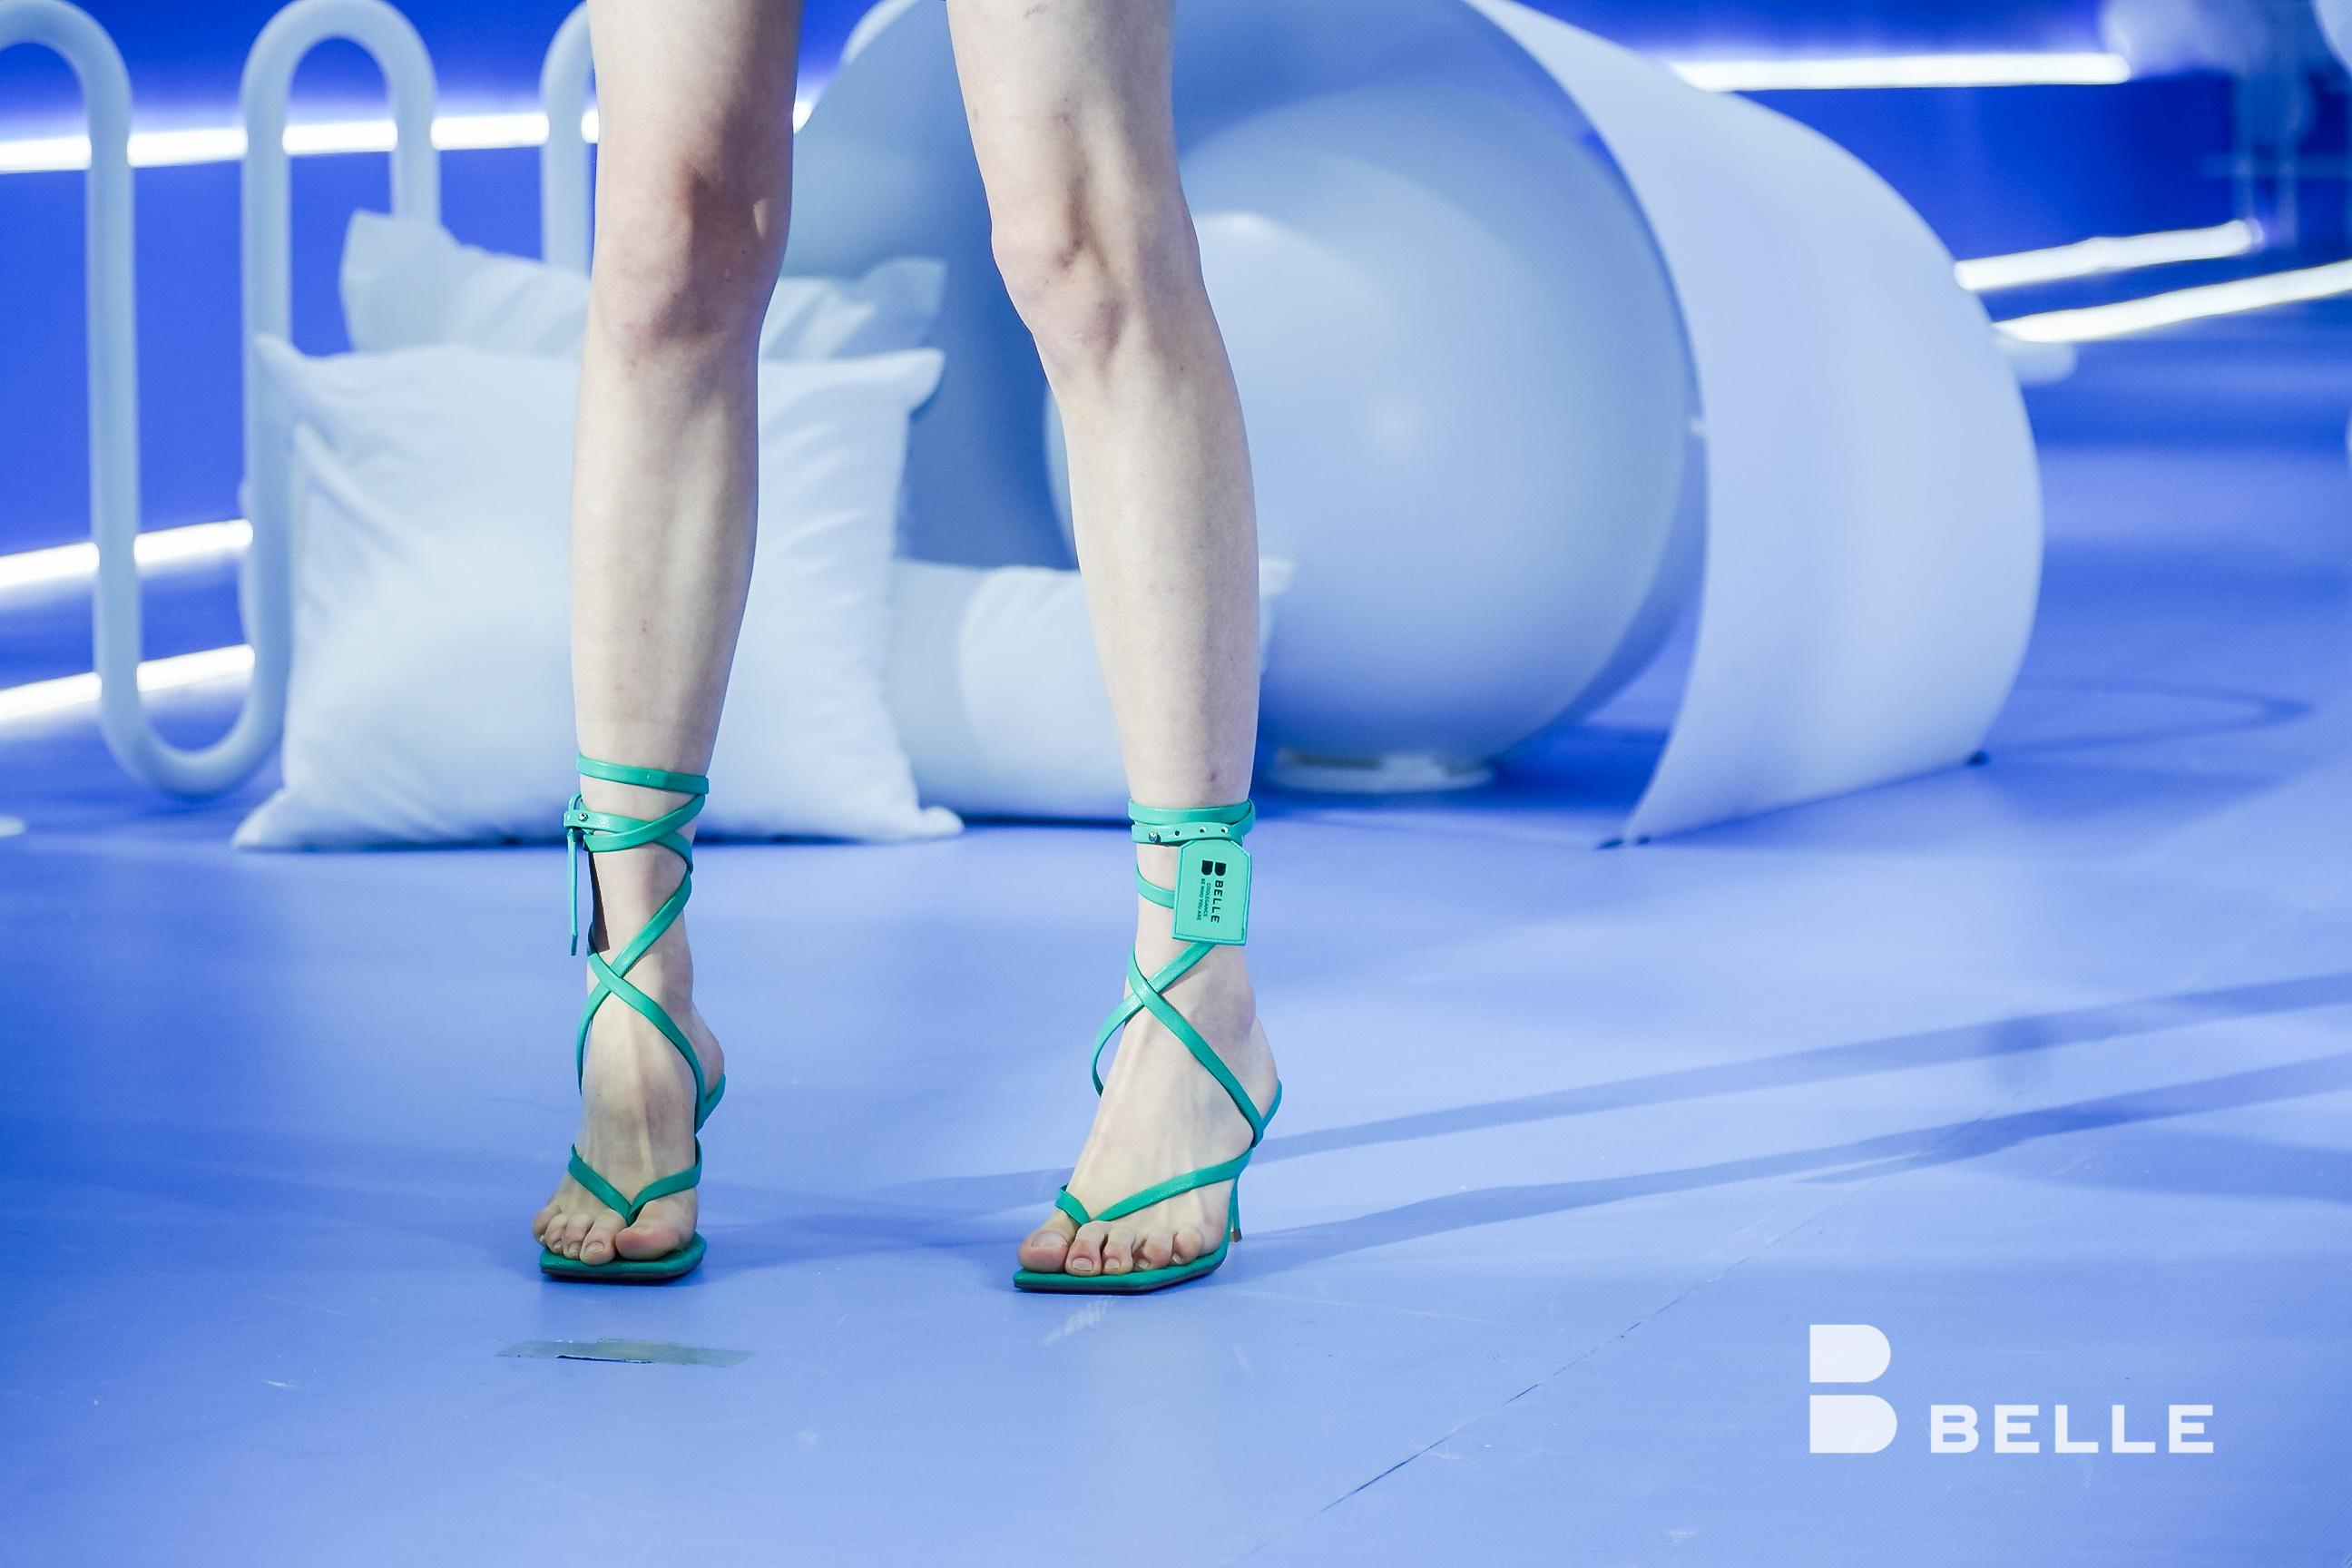 新品鞋子模特脚部特写